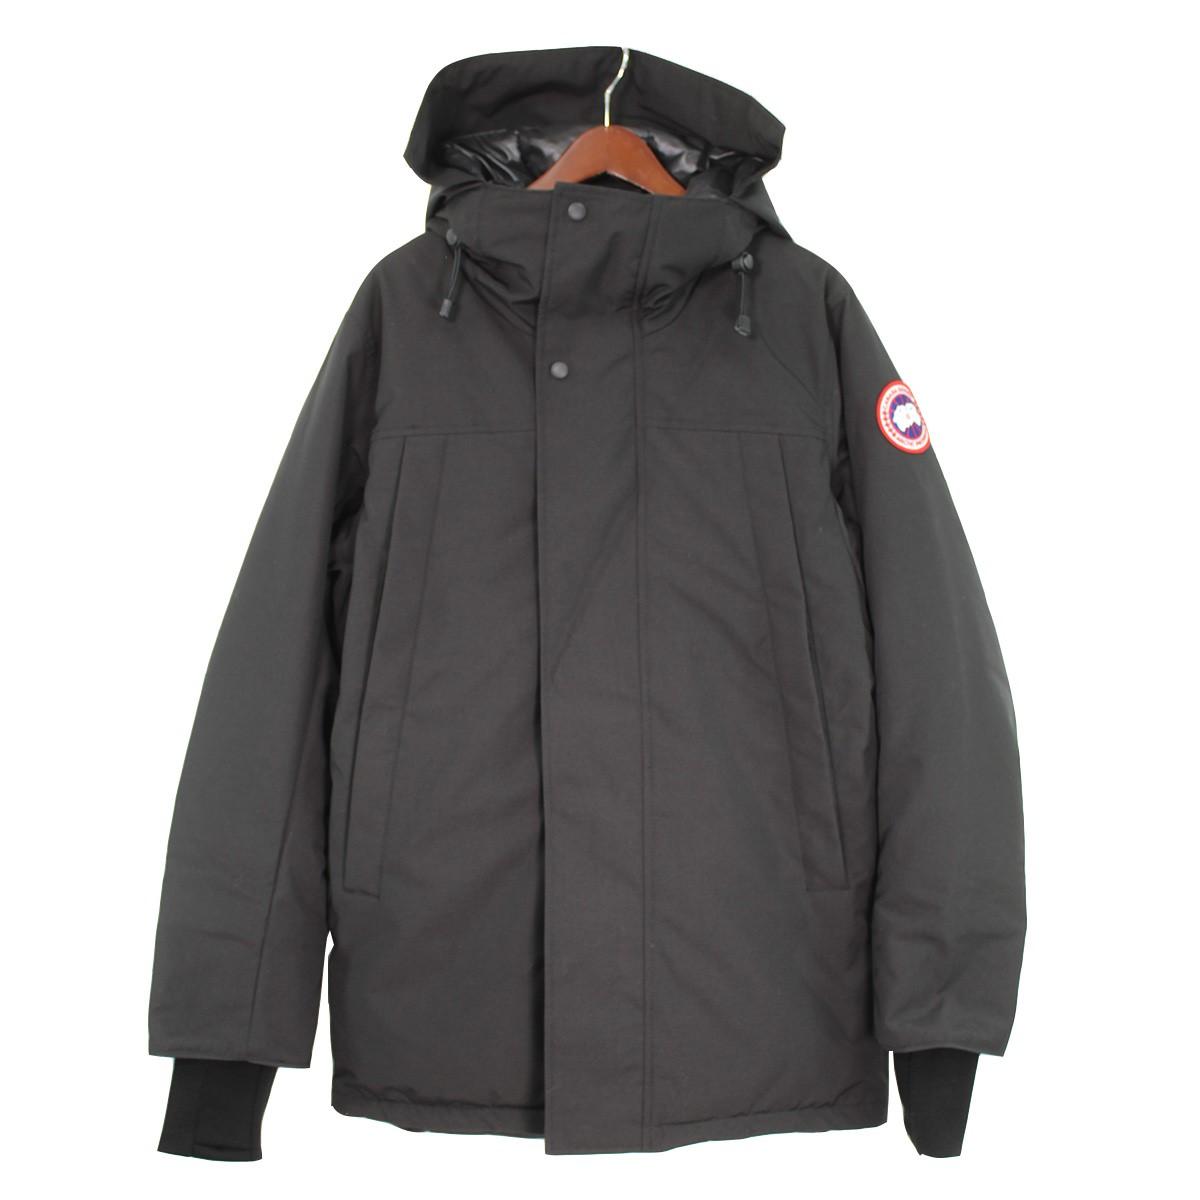 【中古】CANADA GOOSE 19AW SANFORD PARKA ダウンジャケット ブラック サイズ:XS 【120120】(カナダグース)